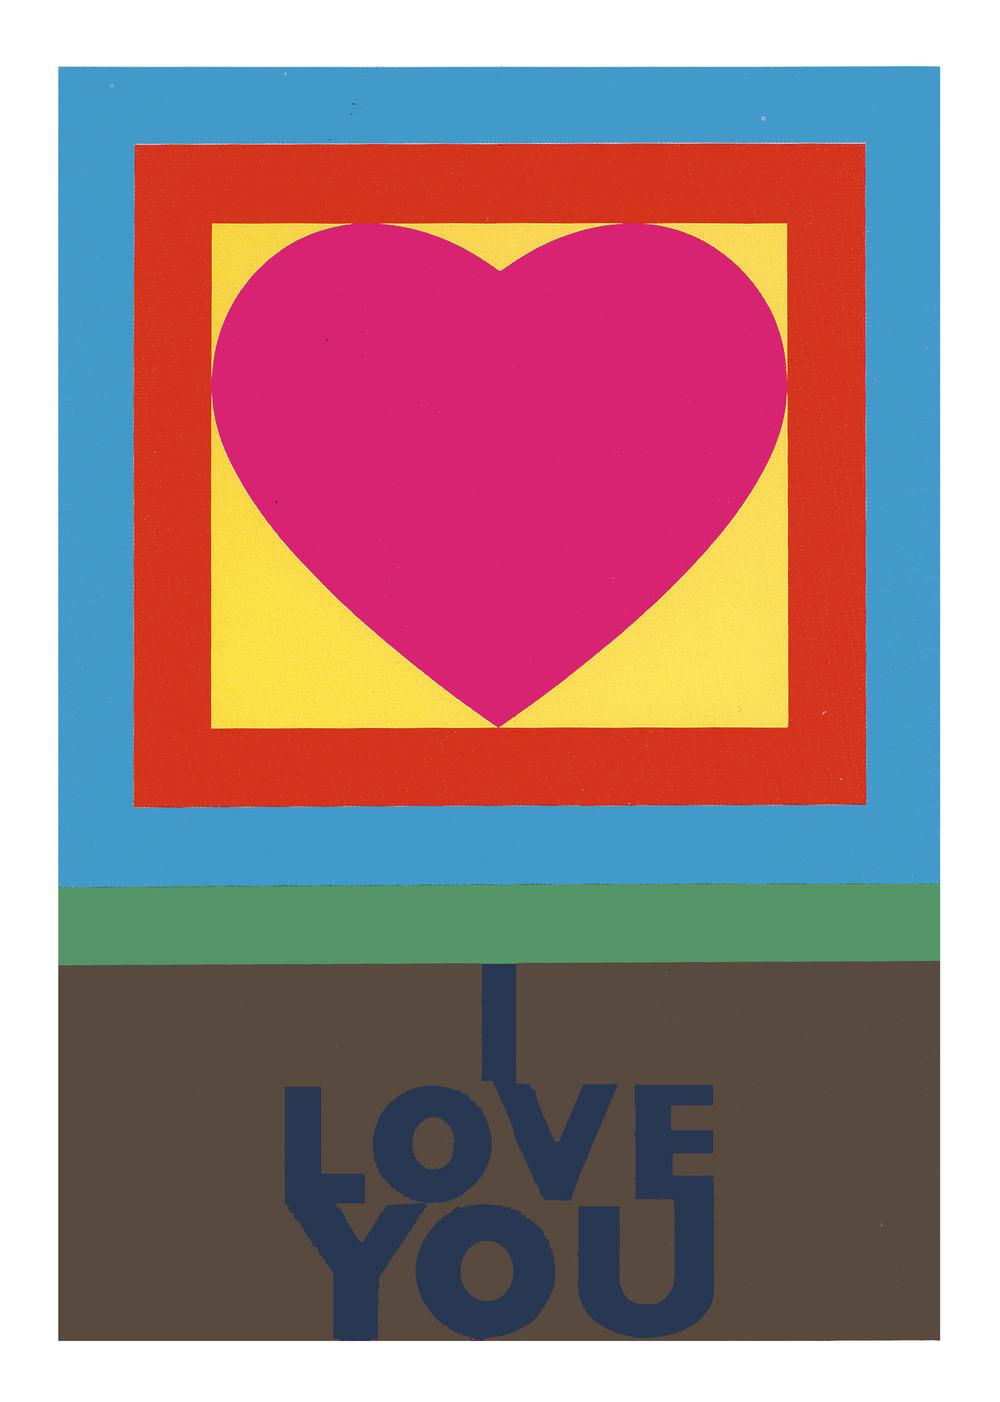 Peter Blake  H for Heart Serigrafia   Edição: 95   103 x 77.5 cm